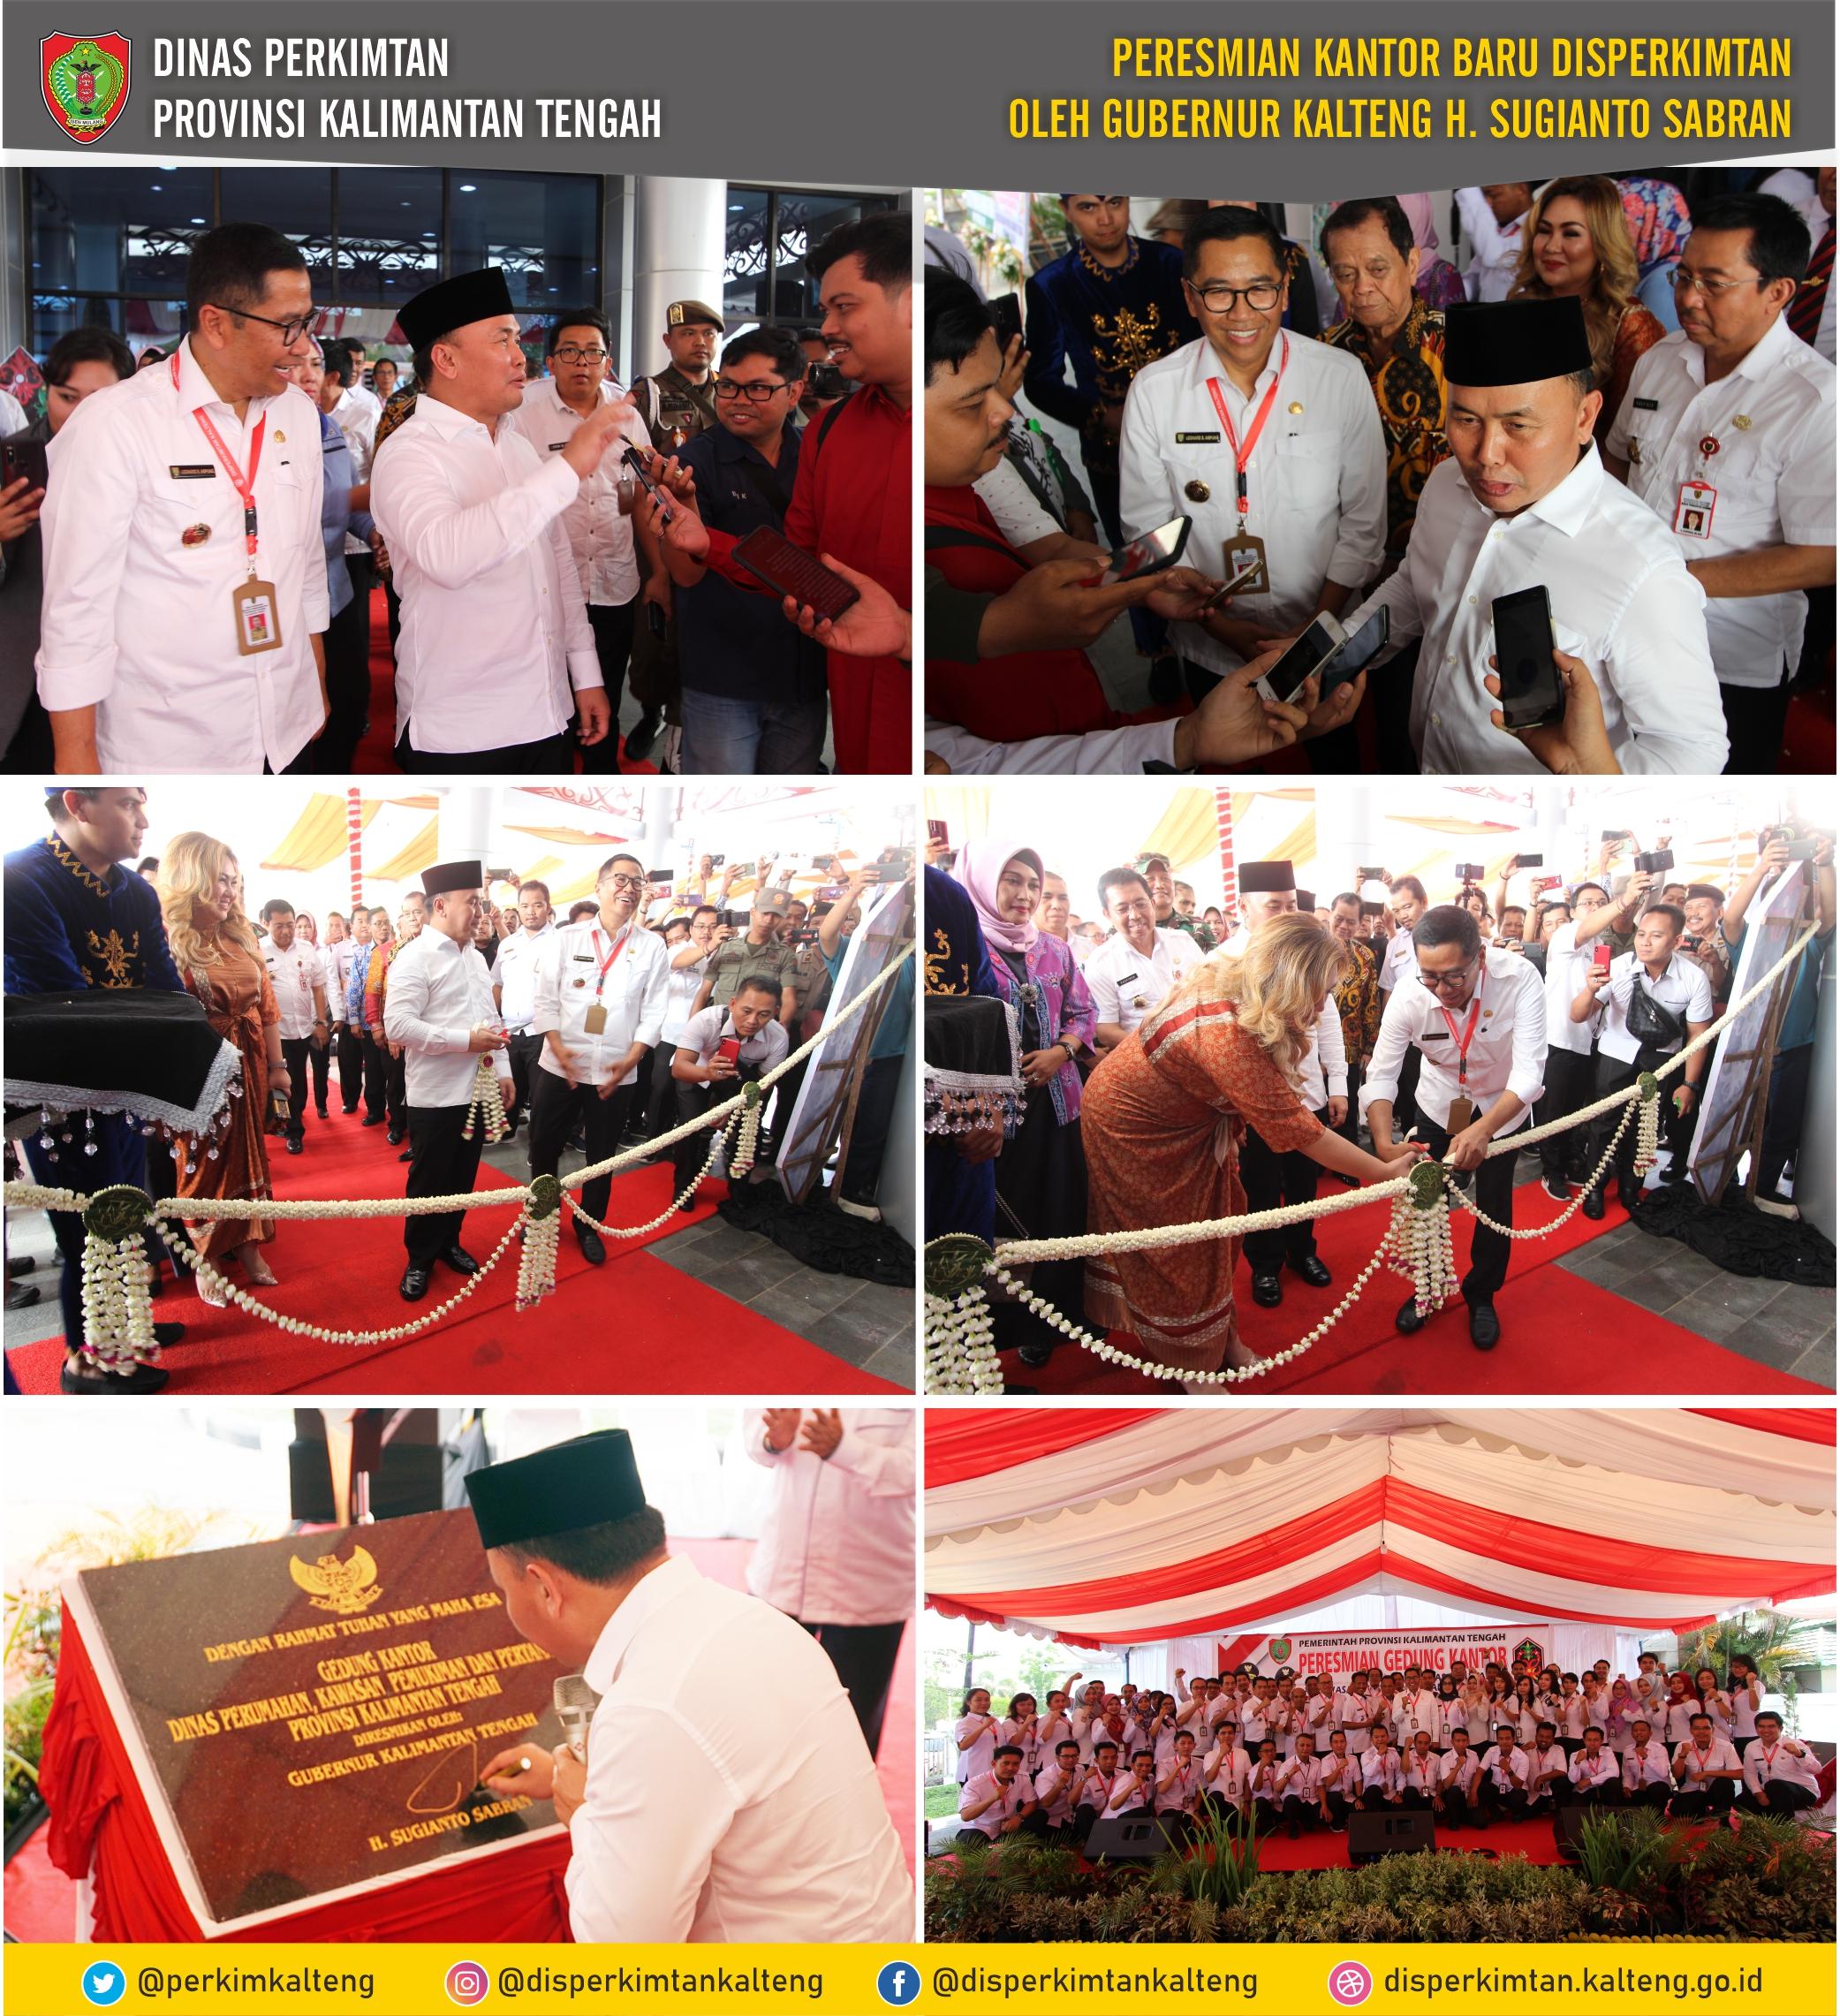 Peresmian Kantor Baru Disperkimtan oleh Gubernur Kalimantan Tengah, Sugianto Sabran